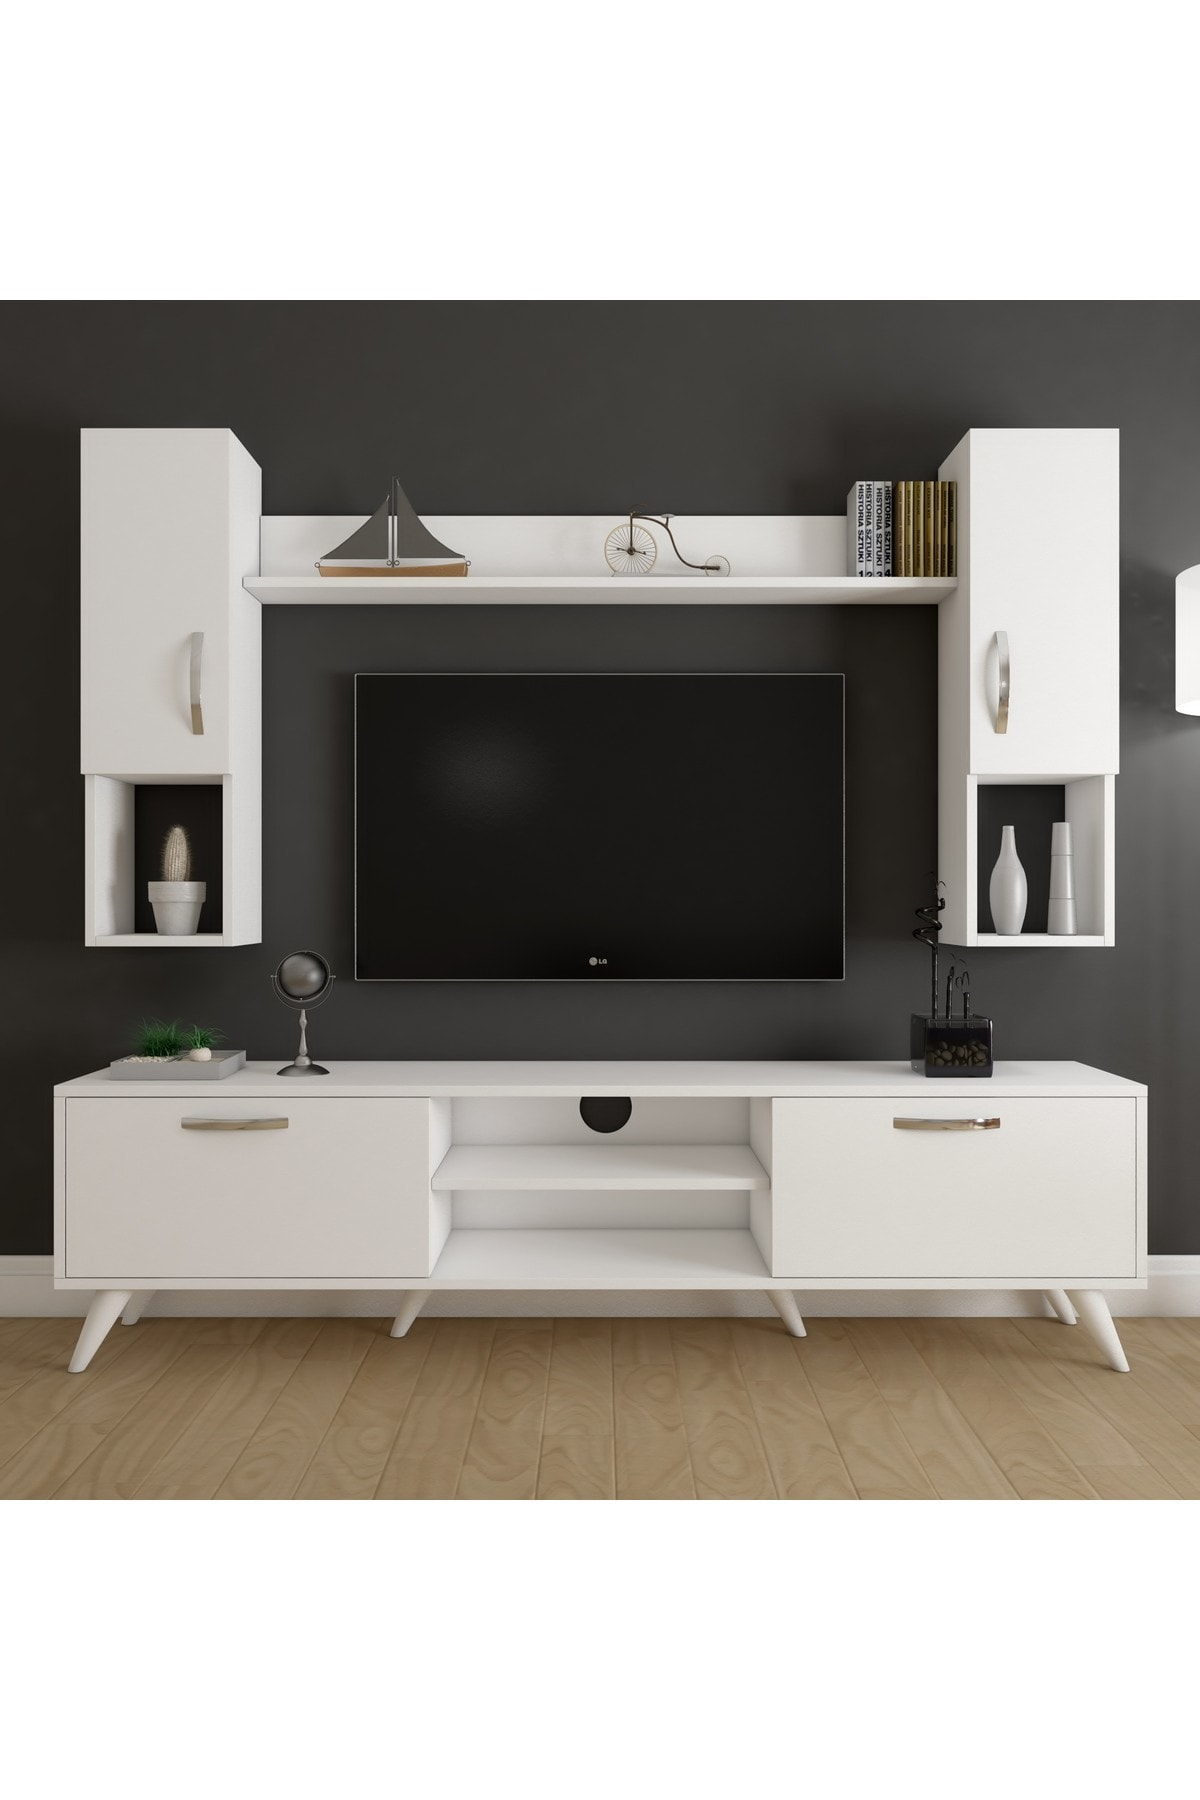 Rani Mobilya A9 Duvar Raflı Kitaplıklı Tv Ünitesi Duvara Monte Dolaplı Modern Ayaklı Tv Sehpası Beyaz M27 1